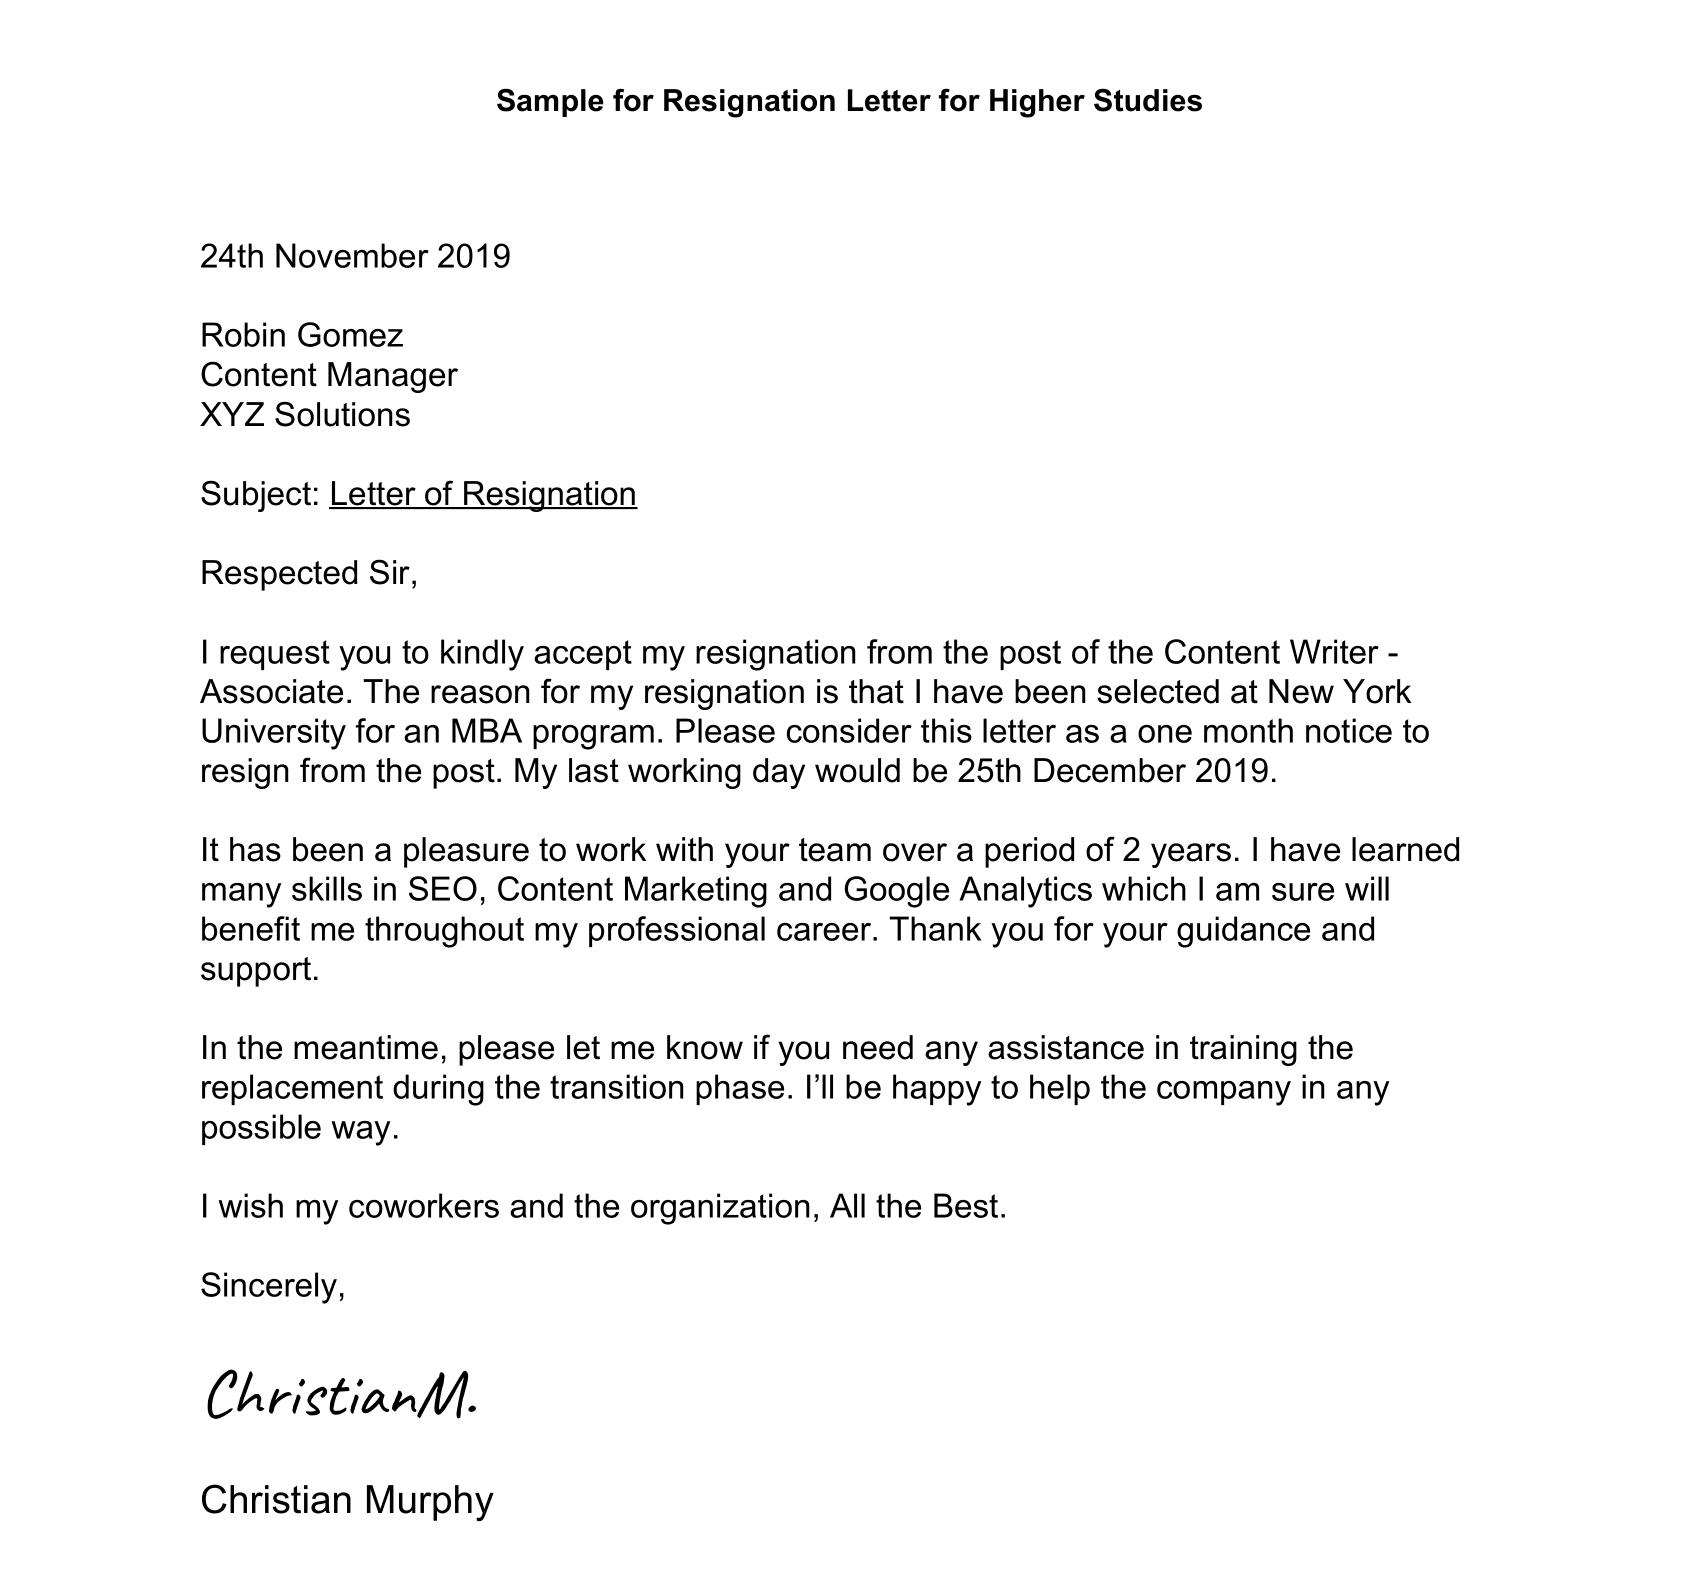 Resignation Letter For Higher Studies Sample 1 Leverage Edu